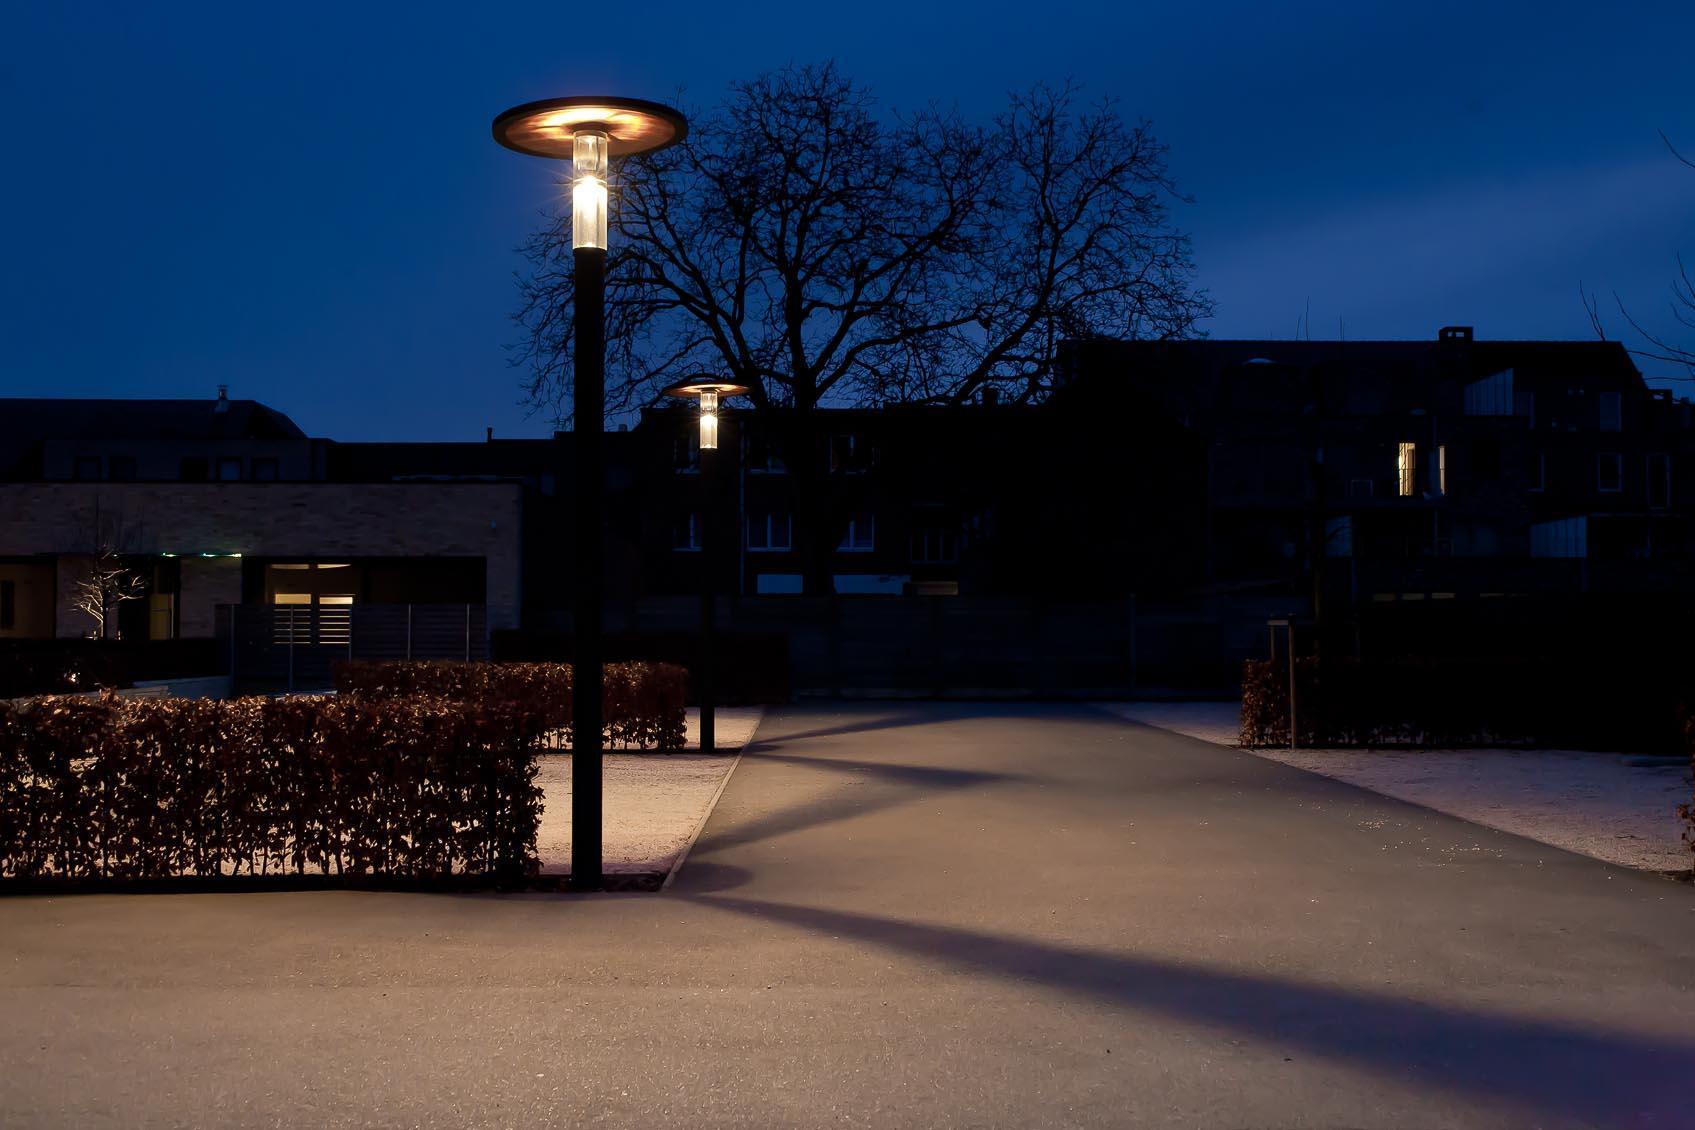 De parking verlicht door viabuzzuno 'Palo Di Zurigo' verlichtingselement met bijzondere lichtverdeling